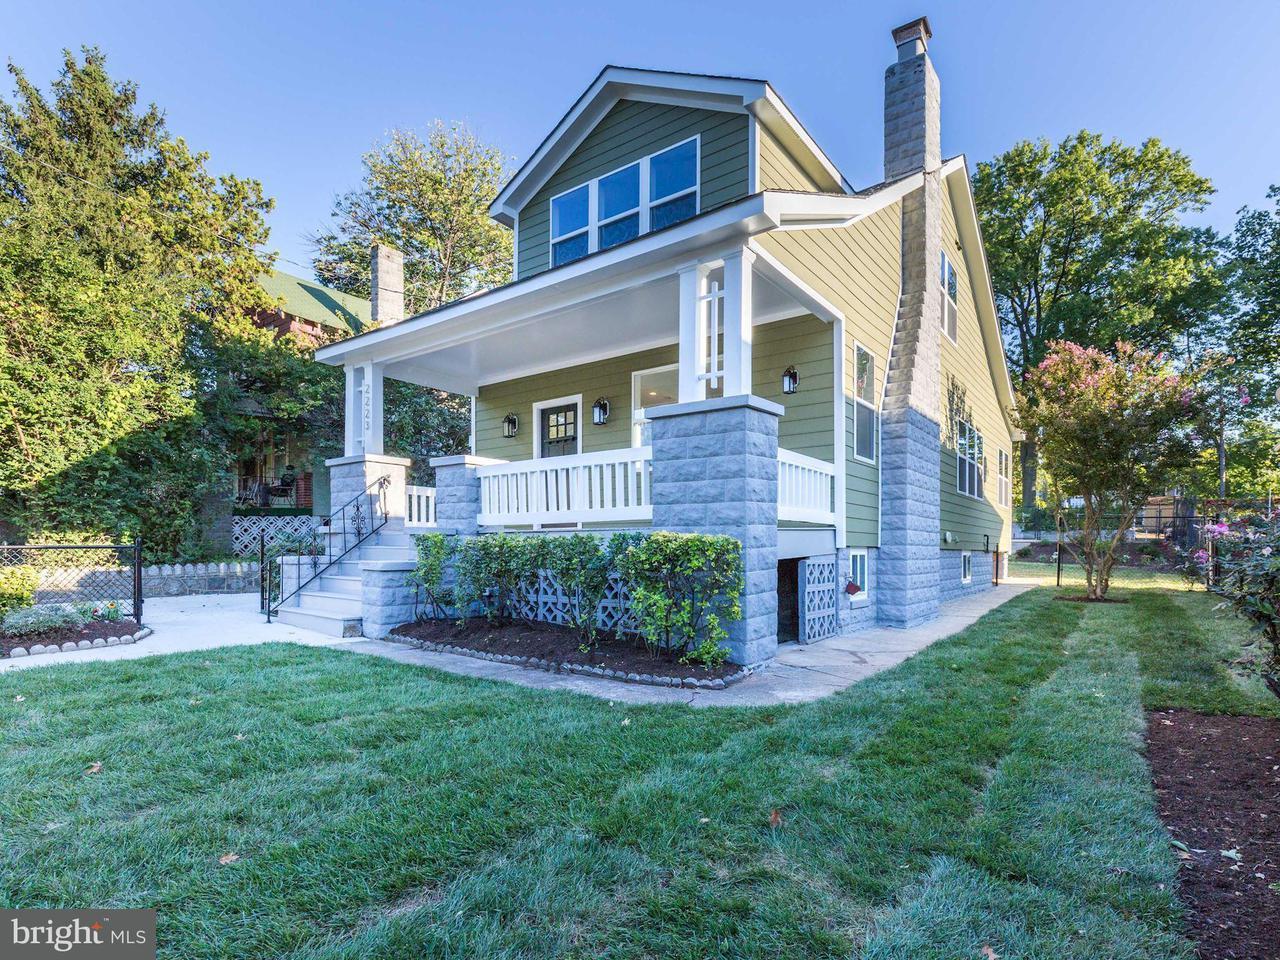 Maison unifamiliale pour l Vente à 2223 LAWRENCE ST NE 2223 LAWRENCE ST NE Washington, District De Columbia 20018 États-Unis